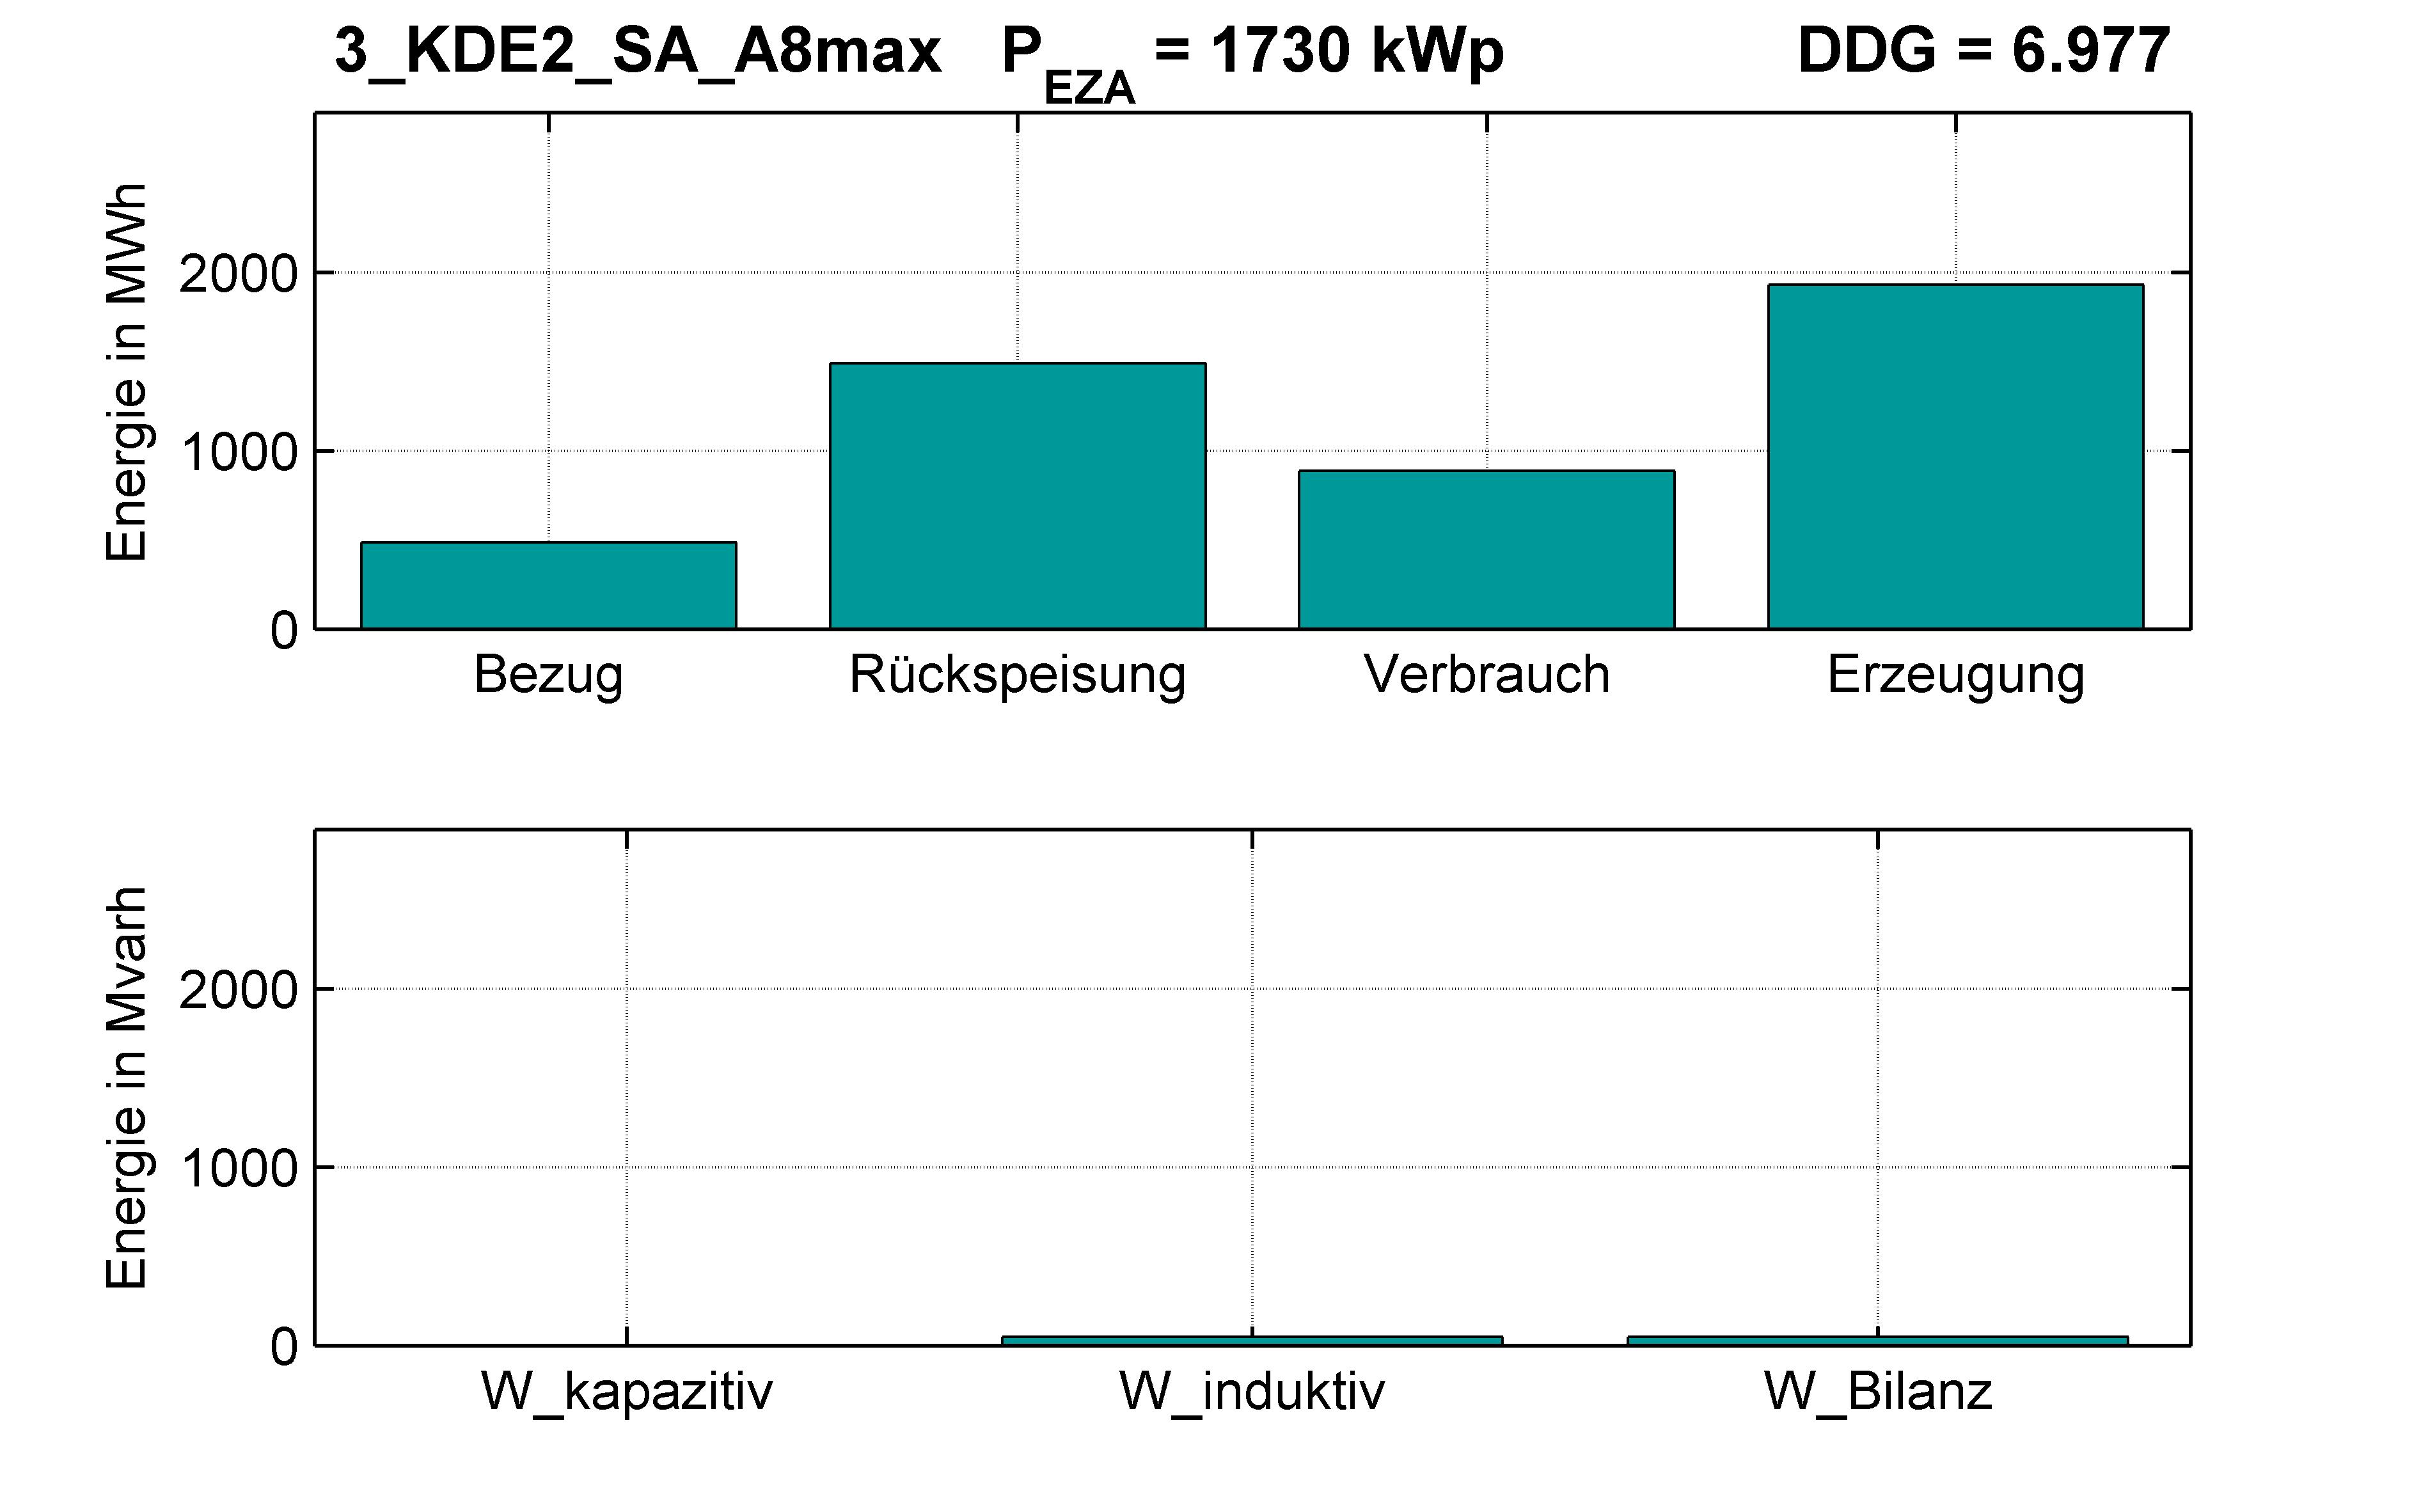 KDE2 | P-Kappung 70% (SA) A8max | PQ-Bilanz